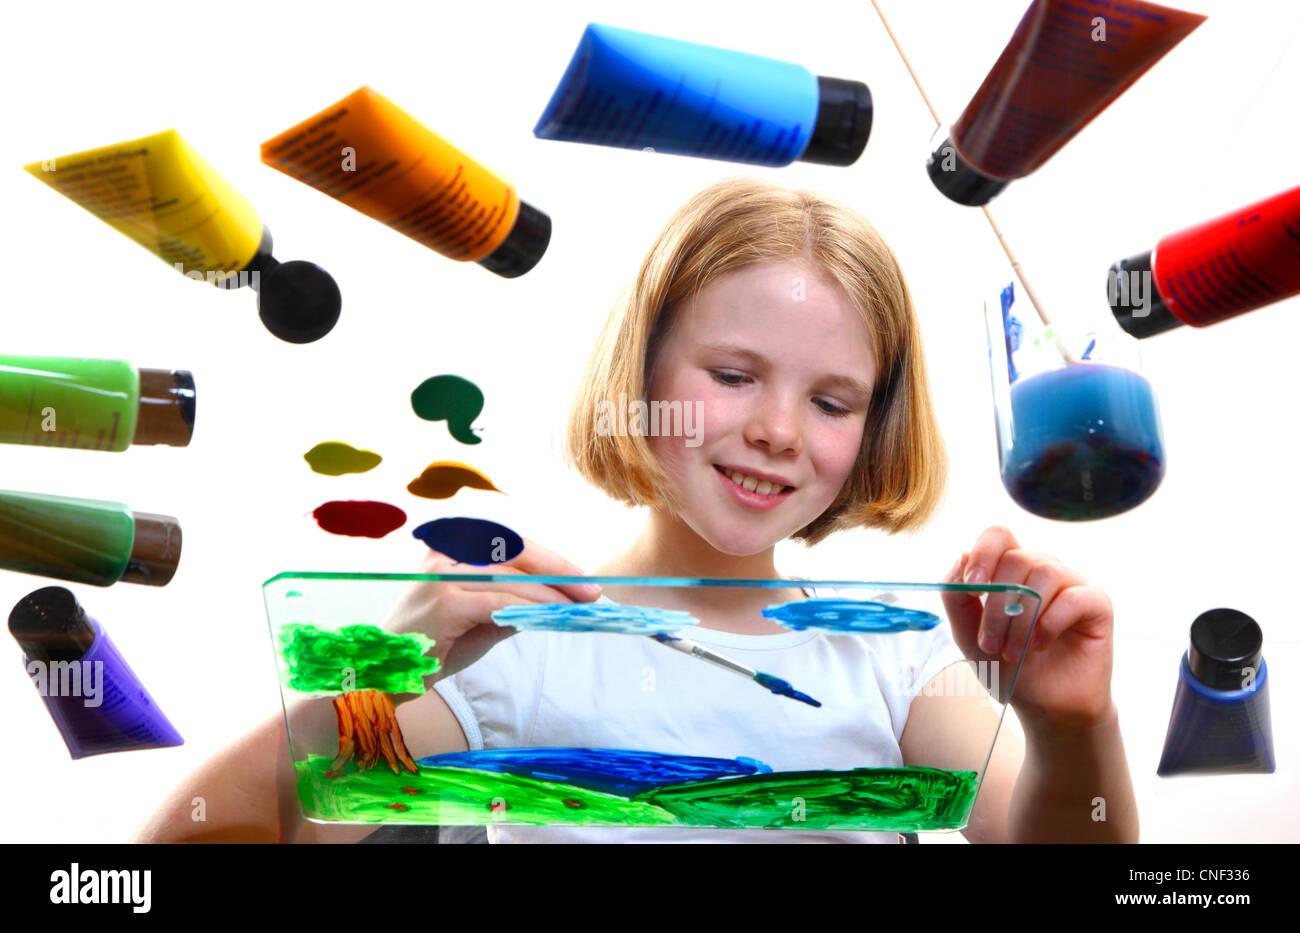 Ragazza giovane è la pittura di un'immagine con colori acrilici. Immagini Stock